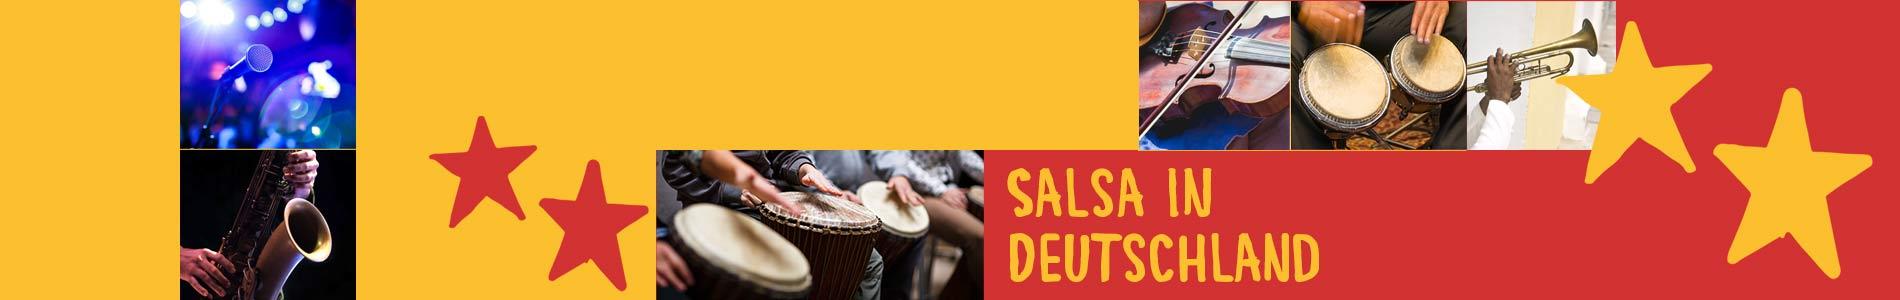 Salsa in Bühlertal – Salsa lernen und tanzen, Tanzkurse, Partys, Veranstaltungen